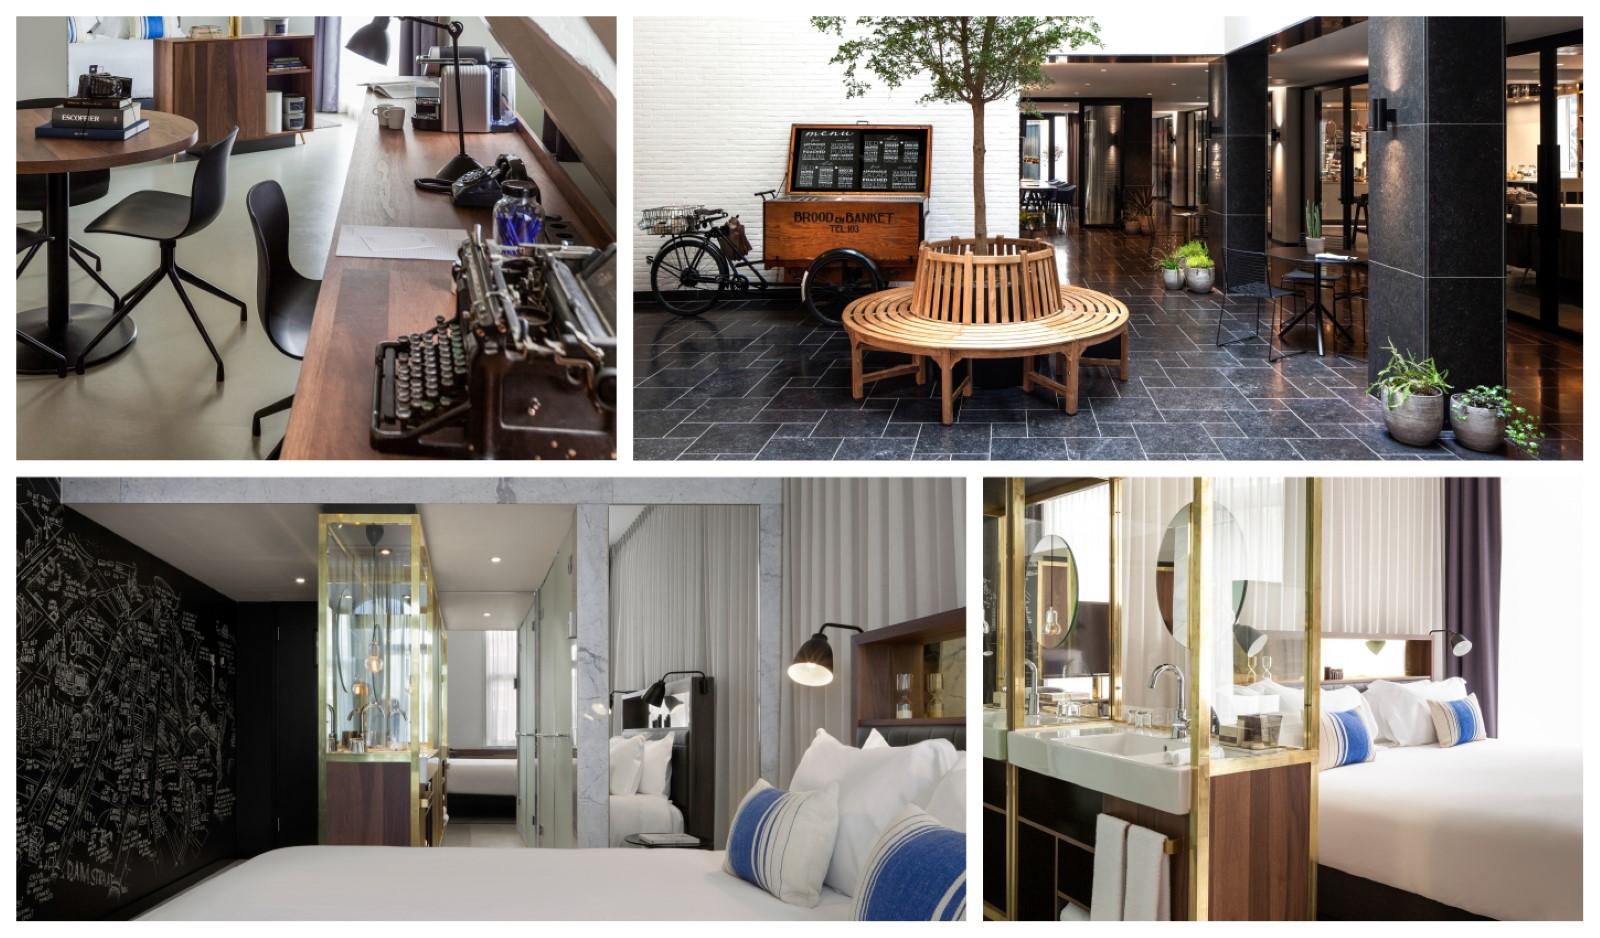 תמונות של חדר השינה והחצר של מלון אינק